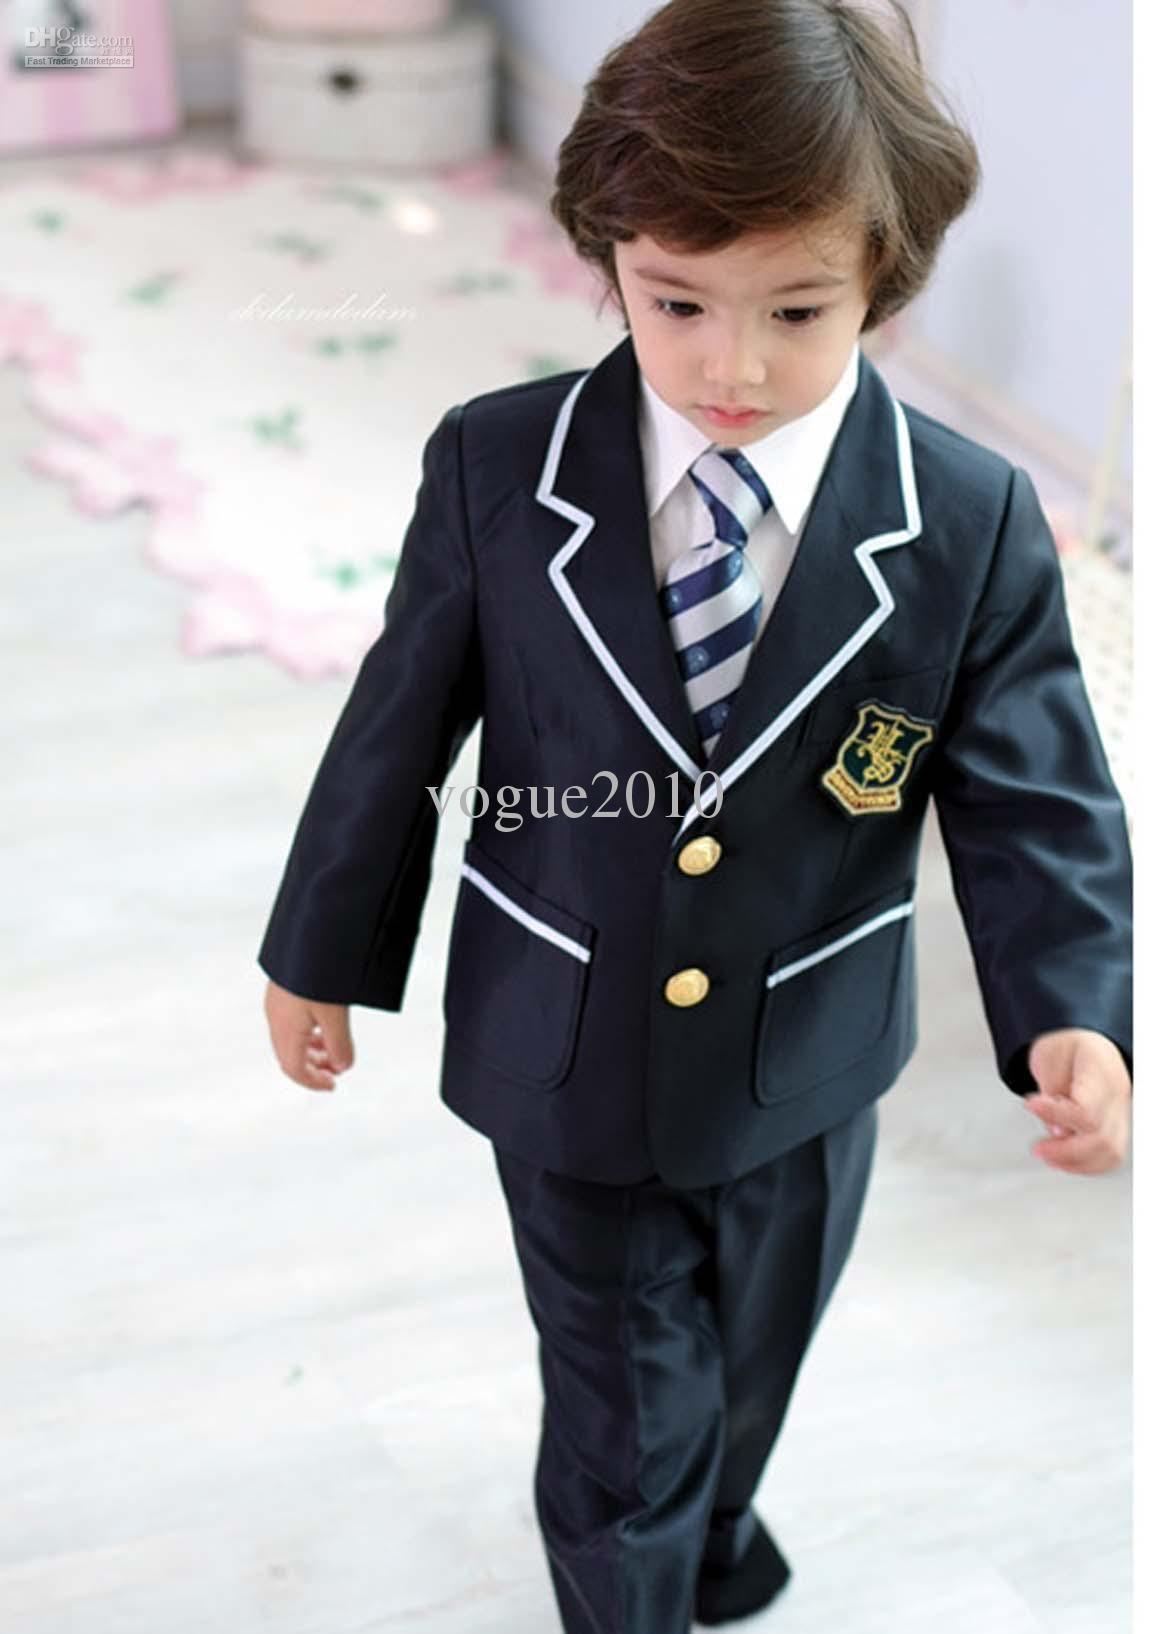 Flower Boy/ New fashion Boys\' Attire Boy Wedding Suit kid suits ...